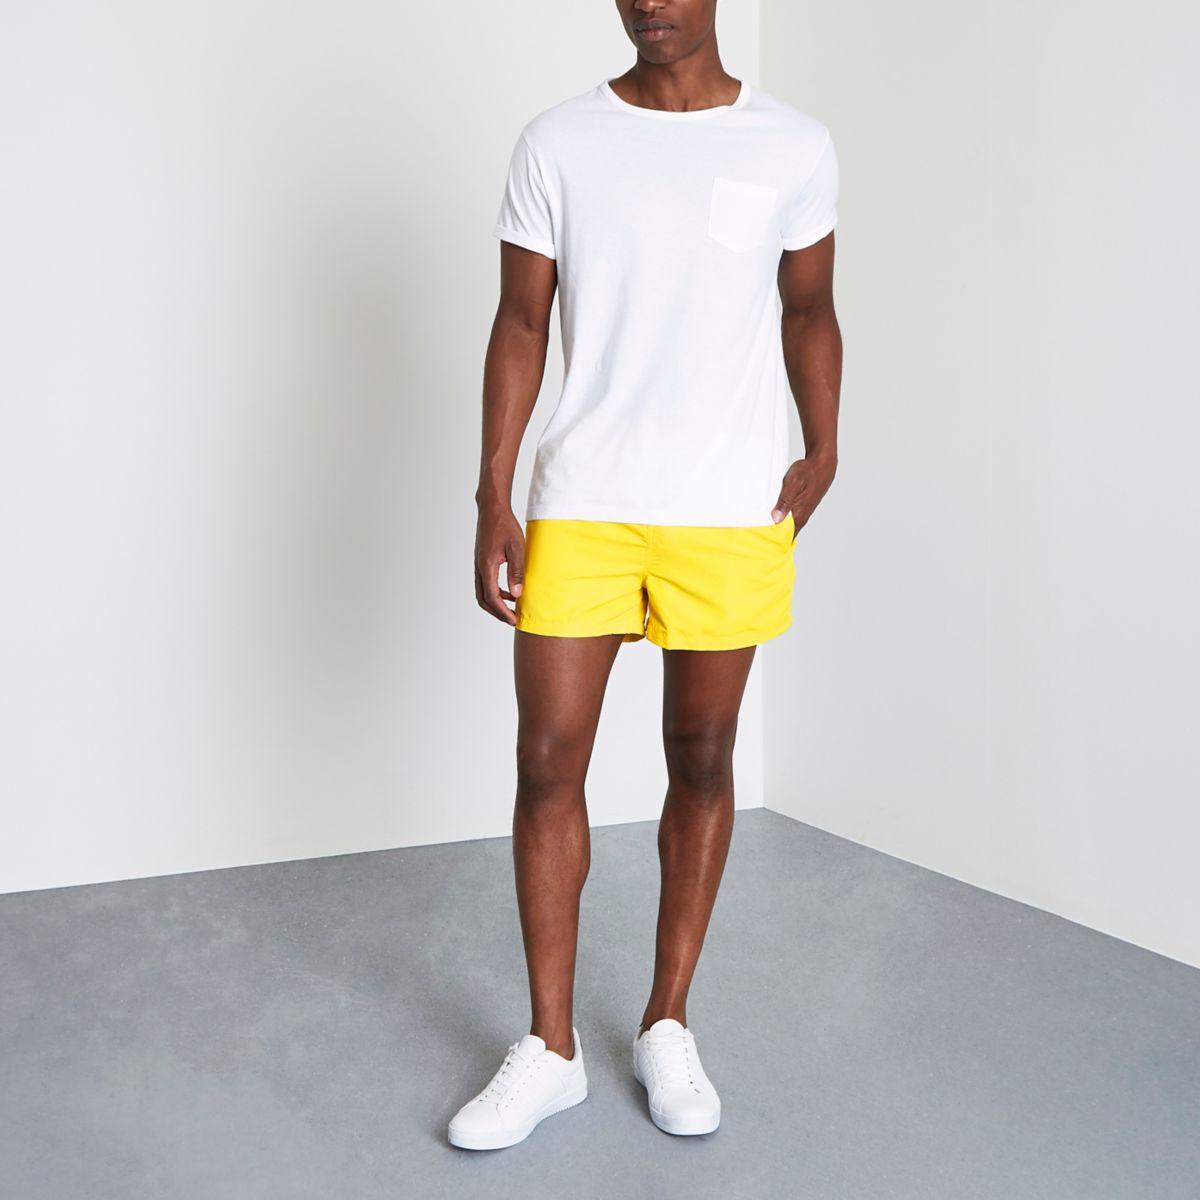 Neon yellow swim shorts